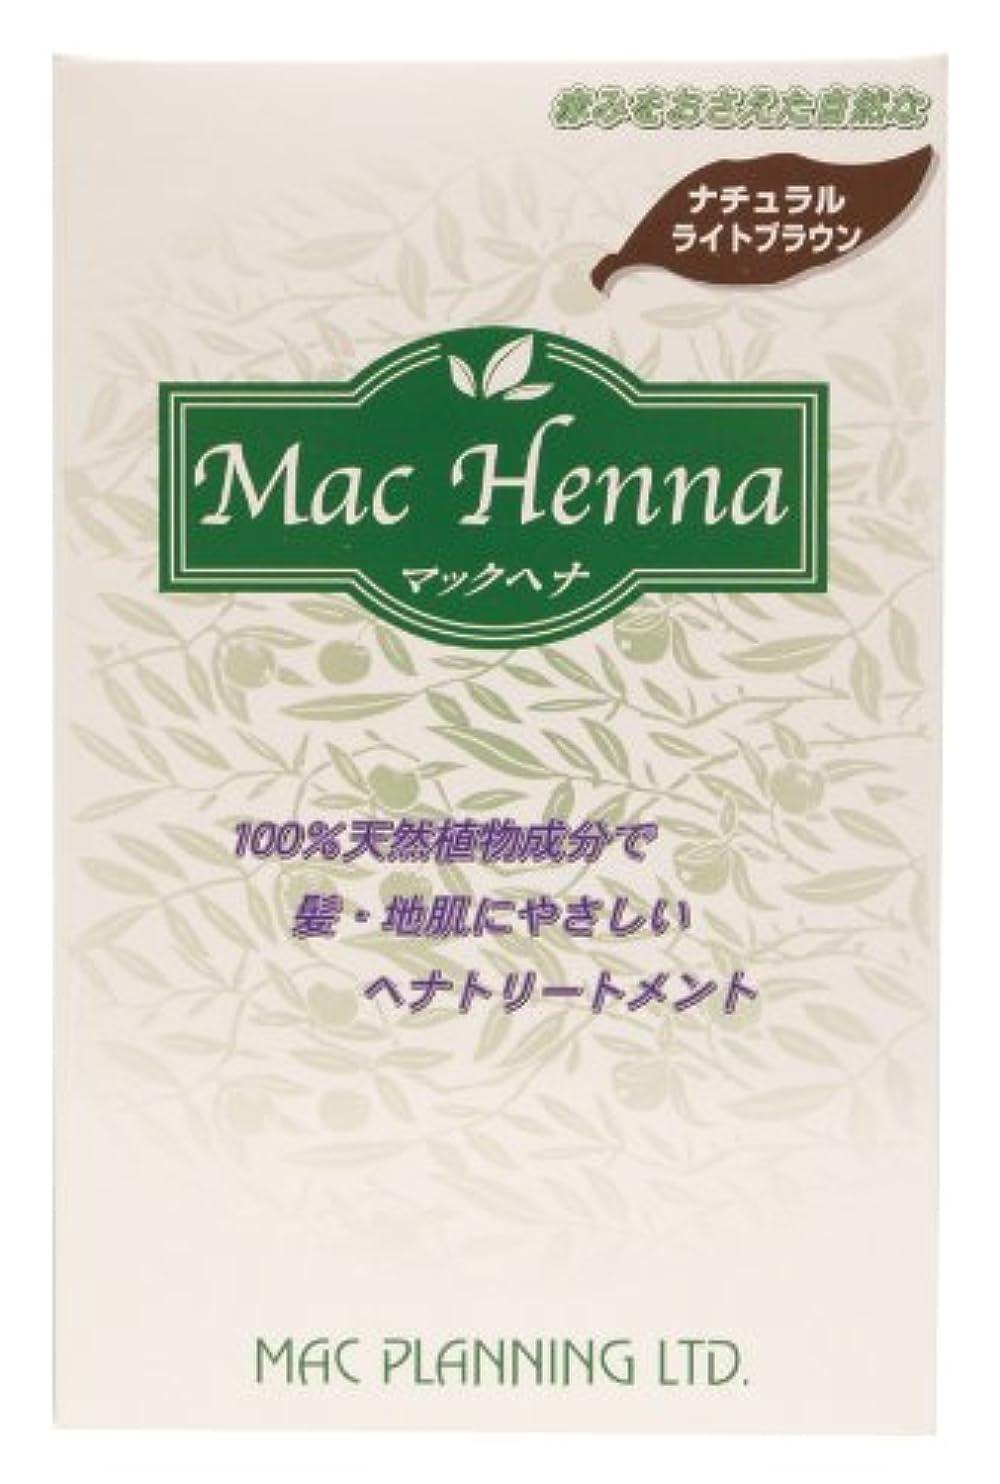 放つナチュラピクニックをする天然植物原料100% 無添加 マックヘナ(ナチュラルライトブラウン)‐4 100g  6箱セット